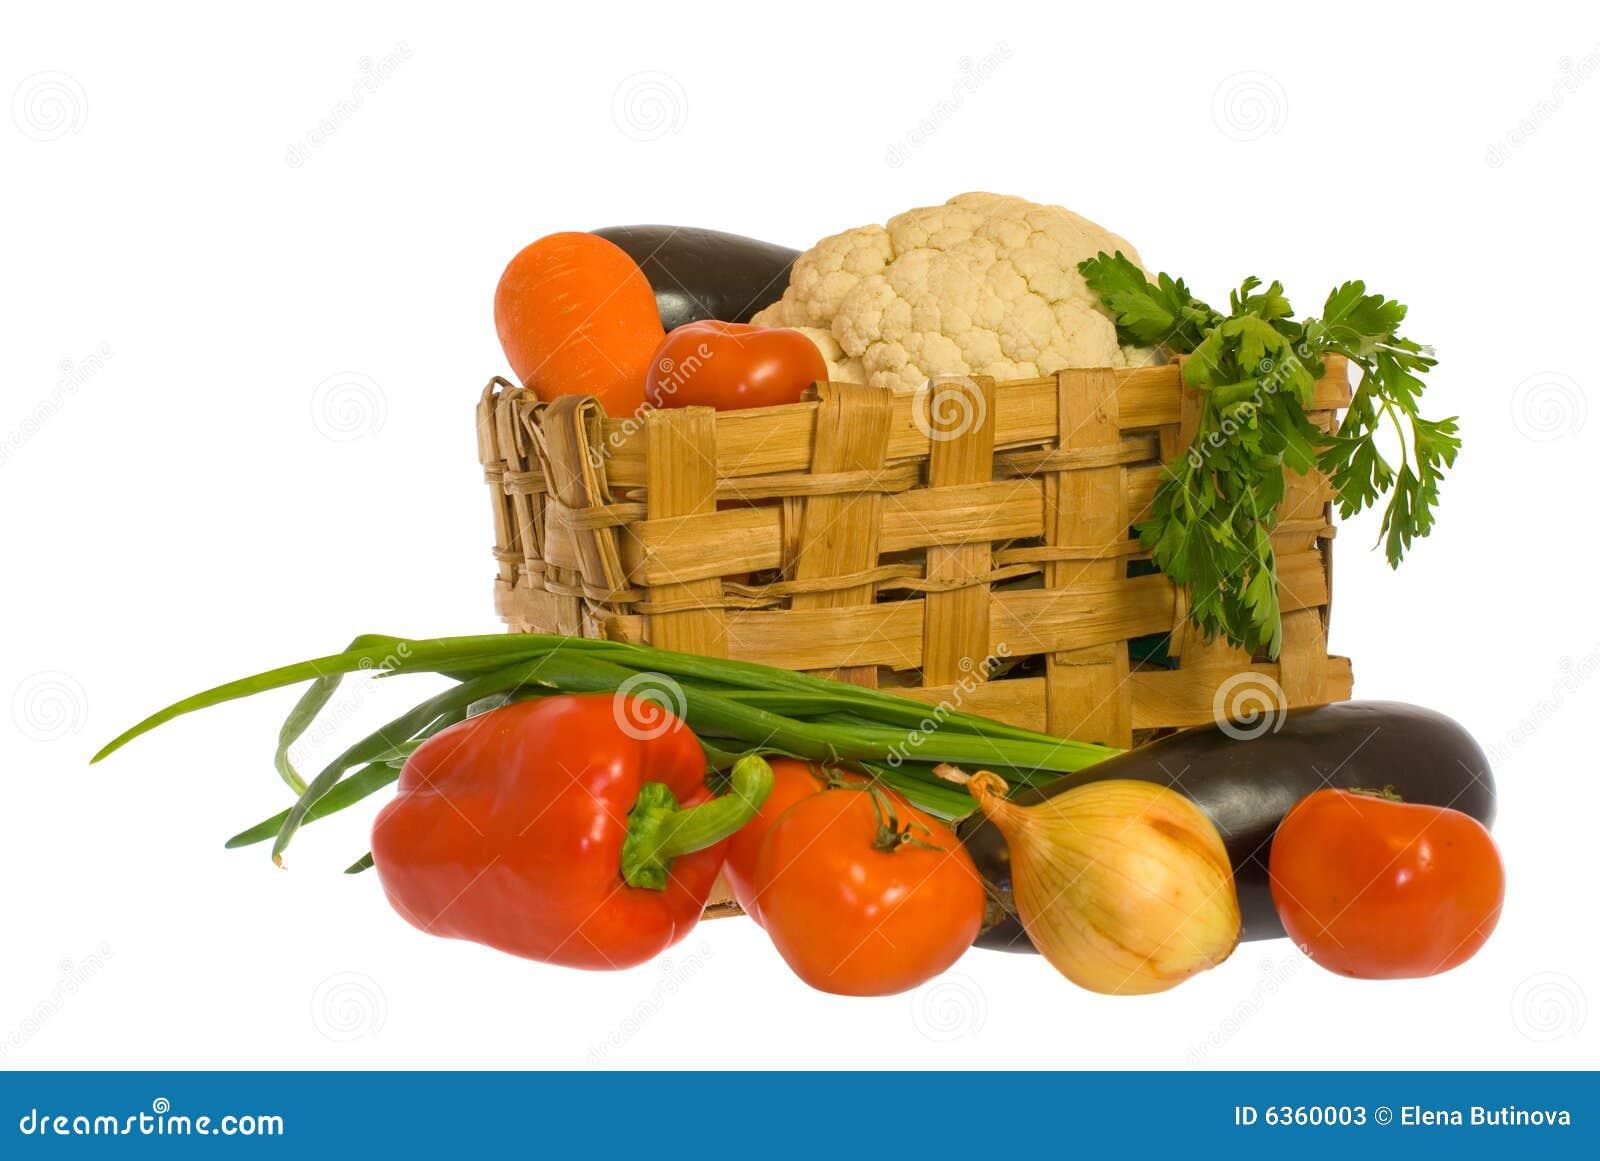 Gemüse und Korb